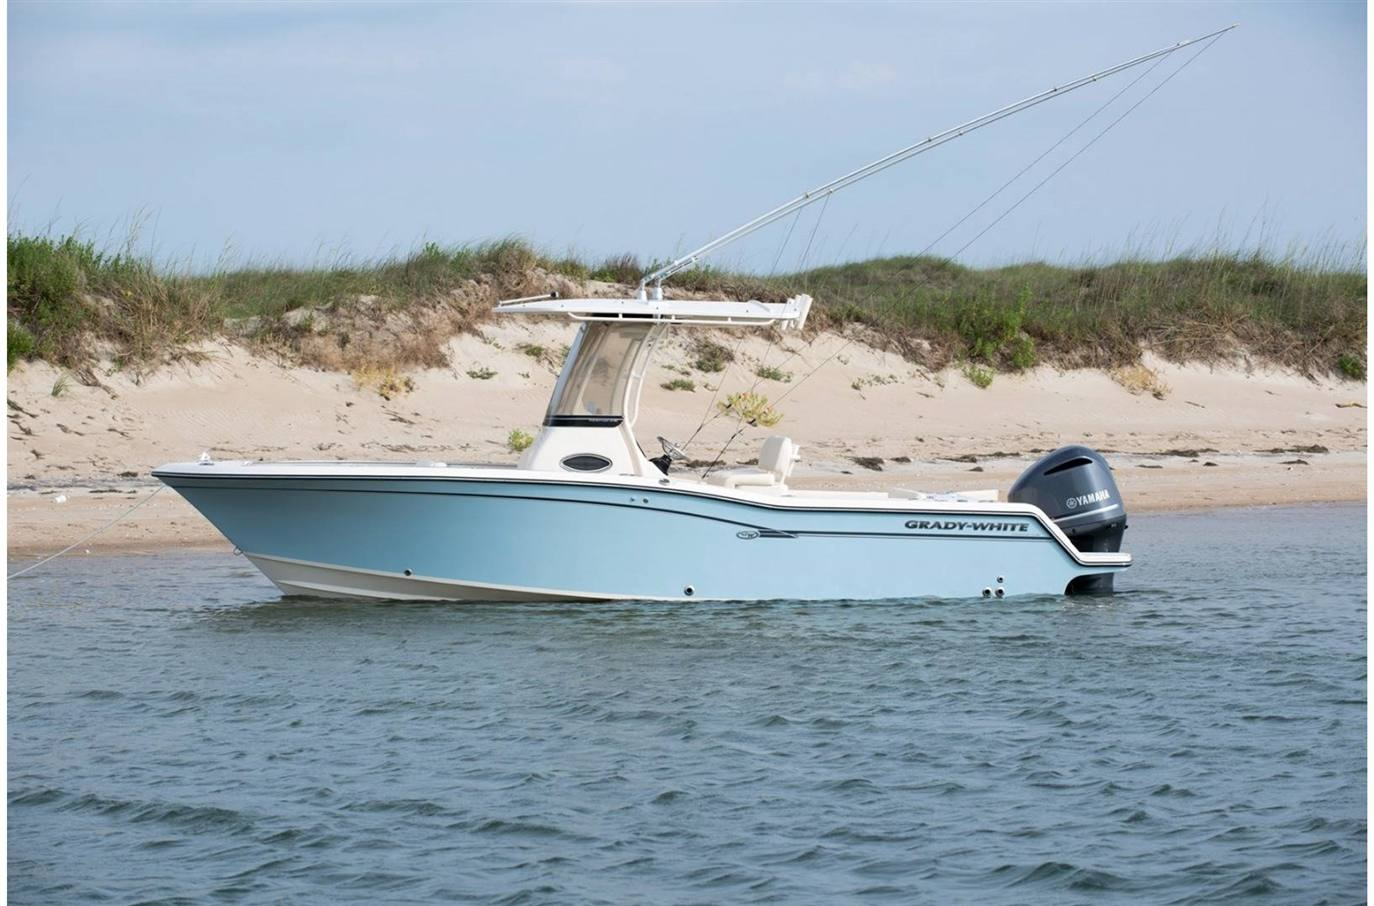 2019 Grady-White Fisherman 236 for sale in Newport Beach, CA